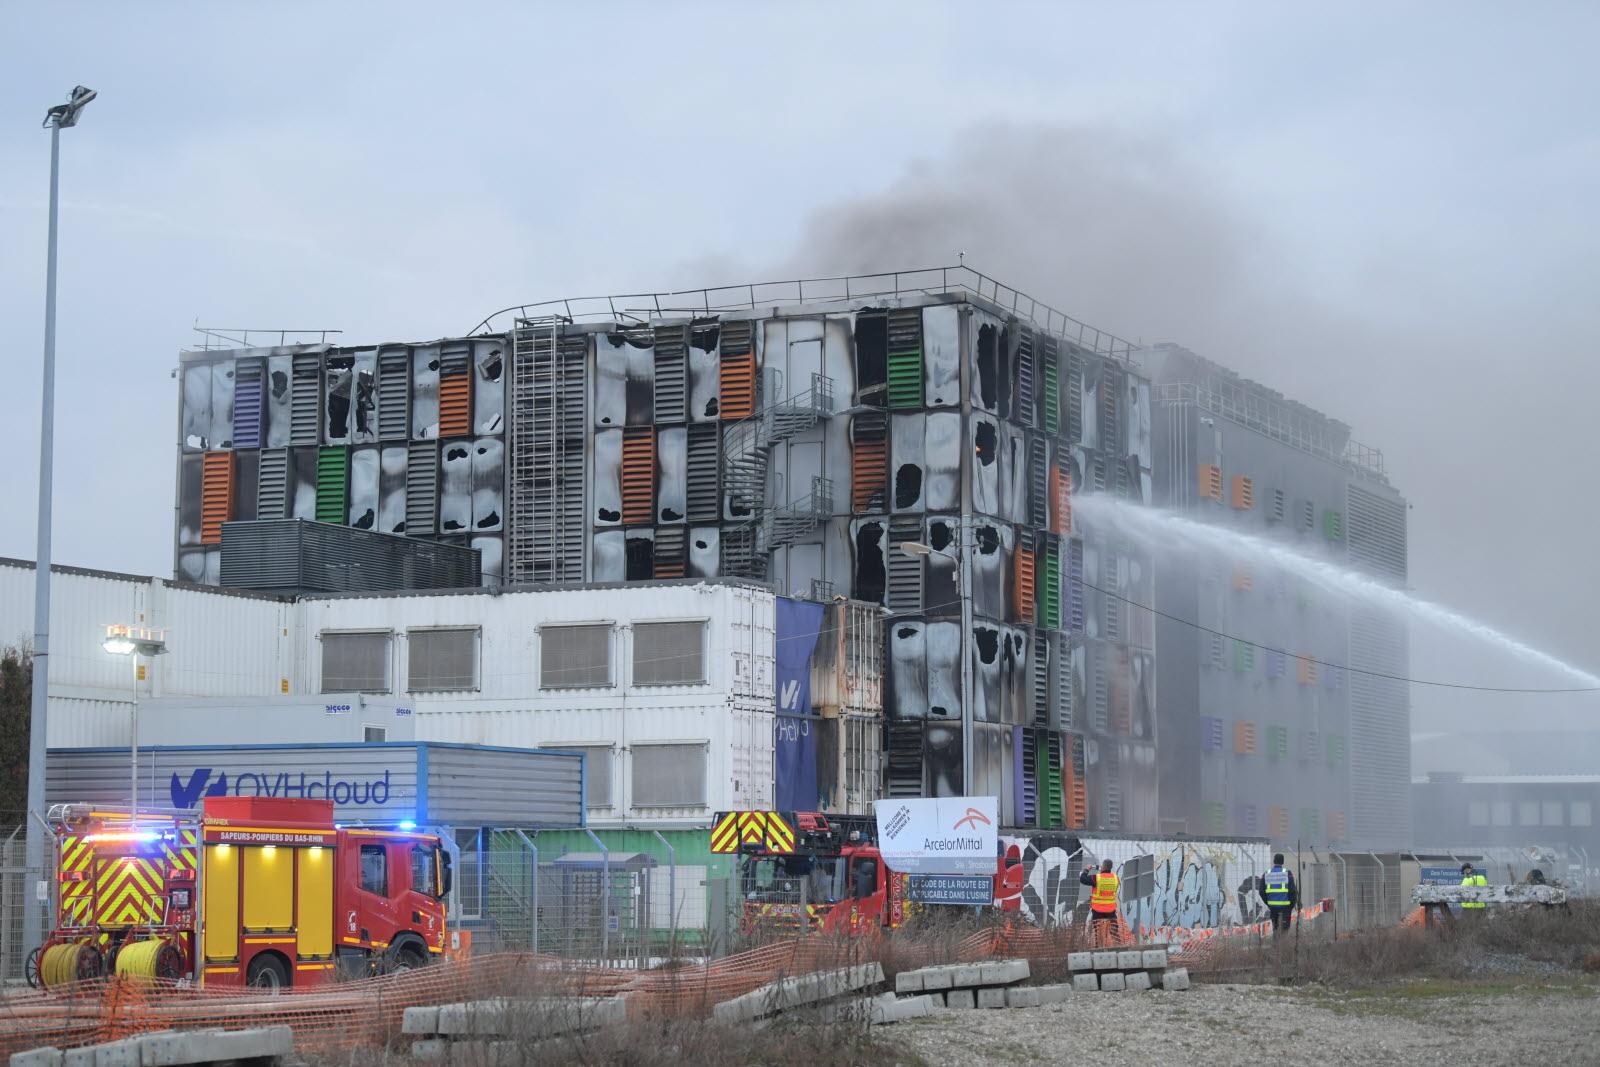 ovh-sgb2-datacenter-fire-burnt.jpg